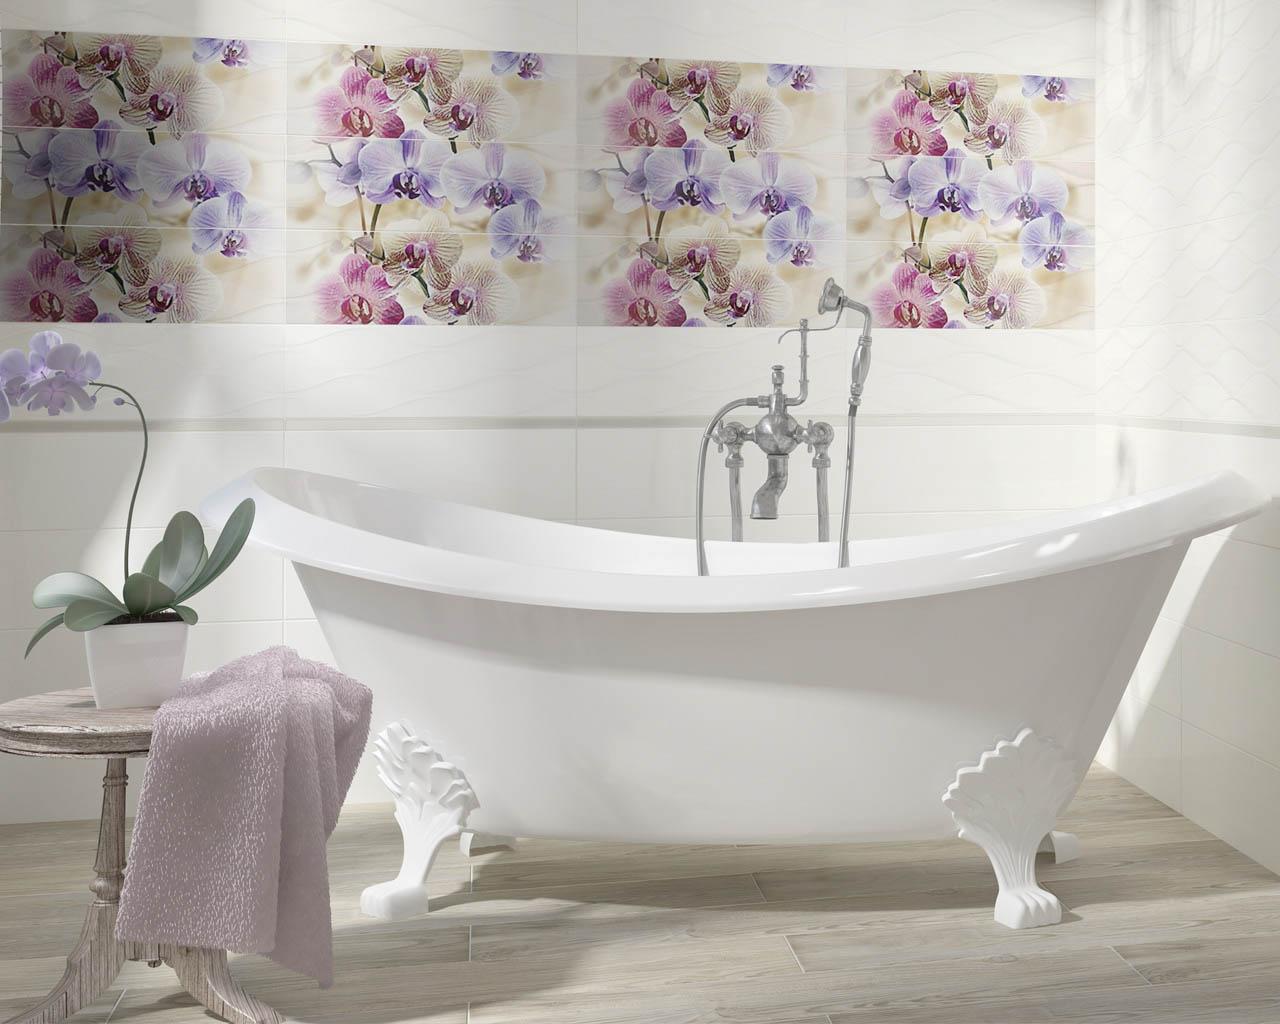 Kwiatowe dekoracje w jasnej łazience